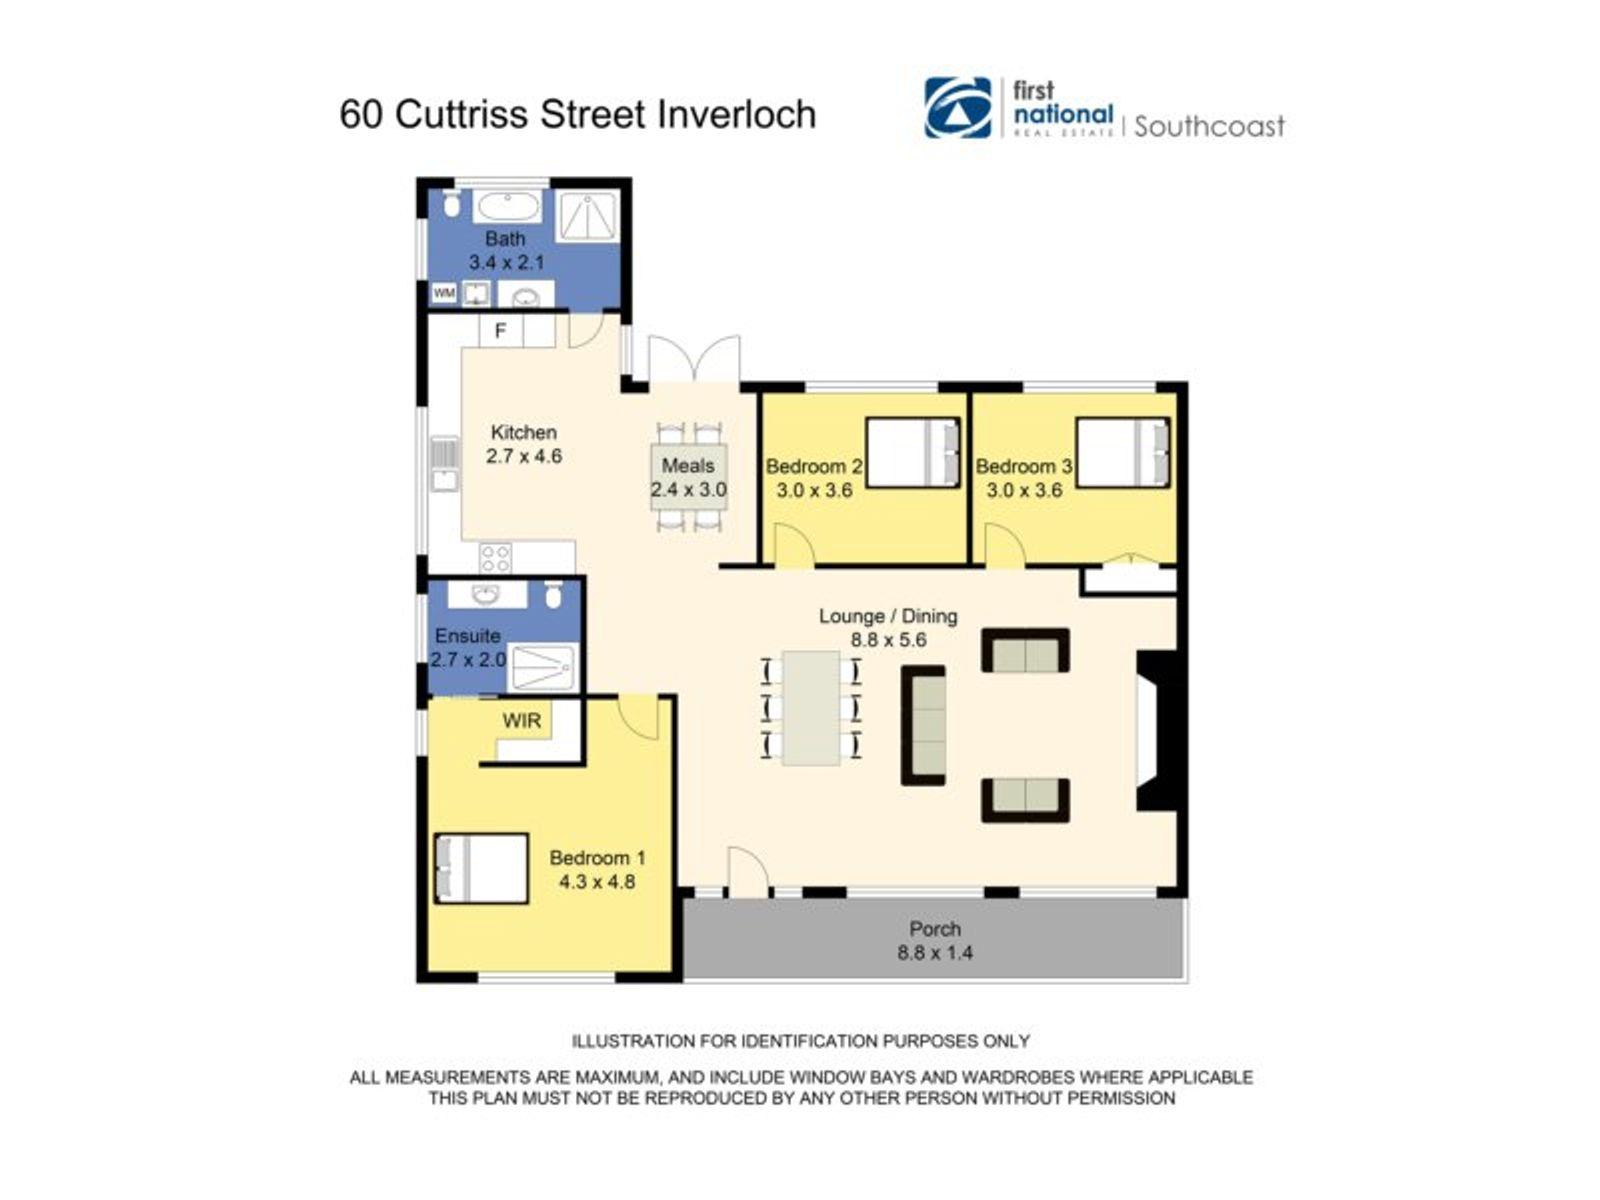 60 Cuttriss Street, Inverloch, VIC 3996